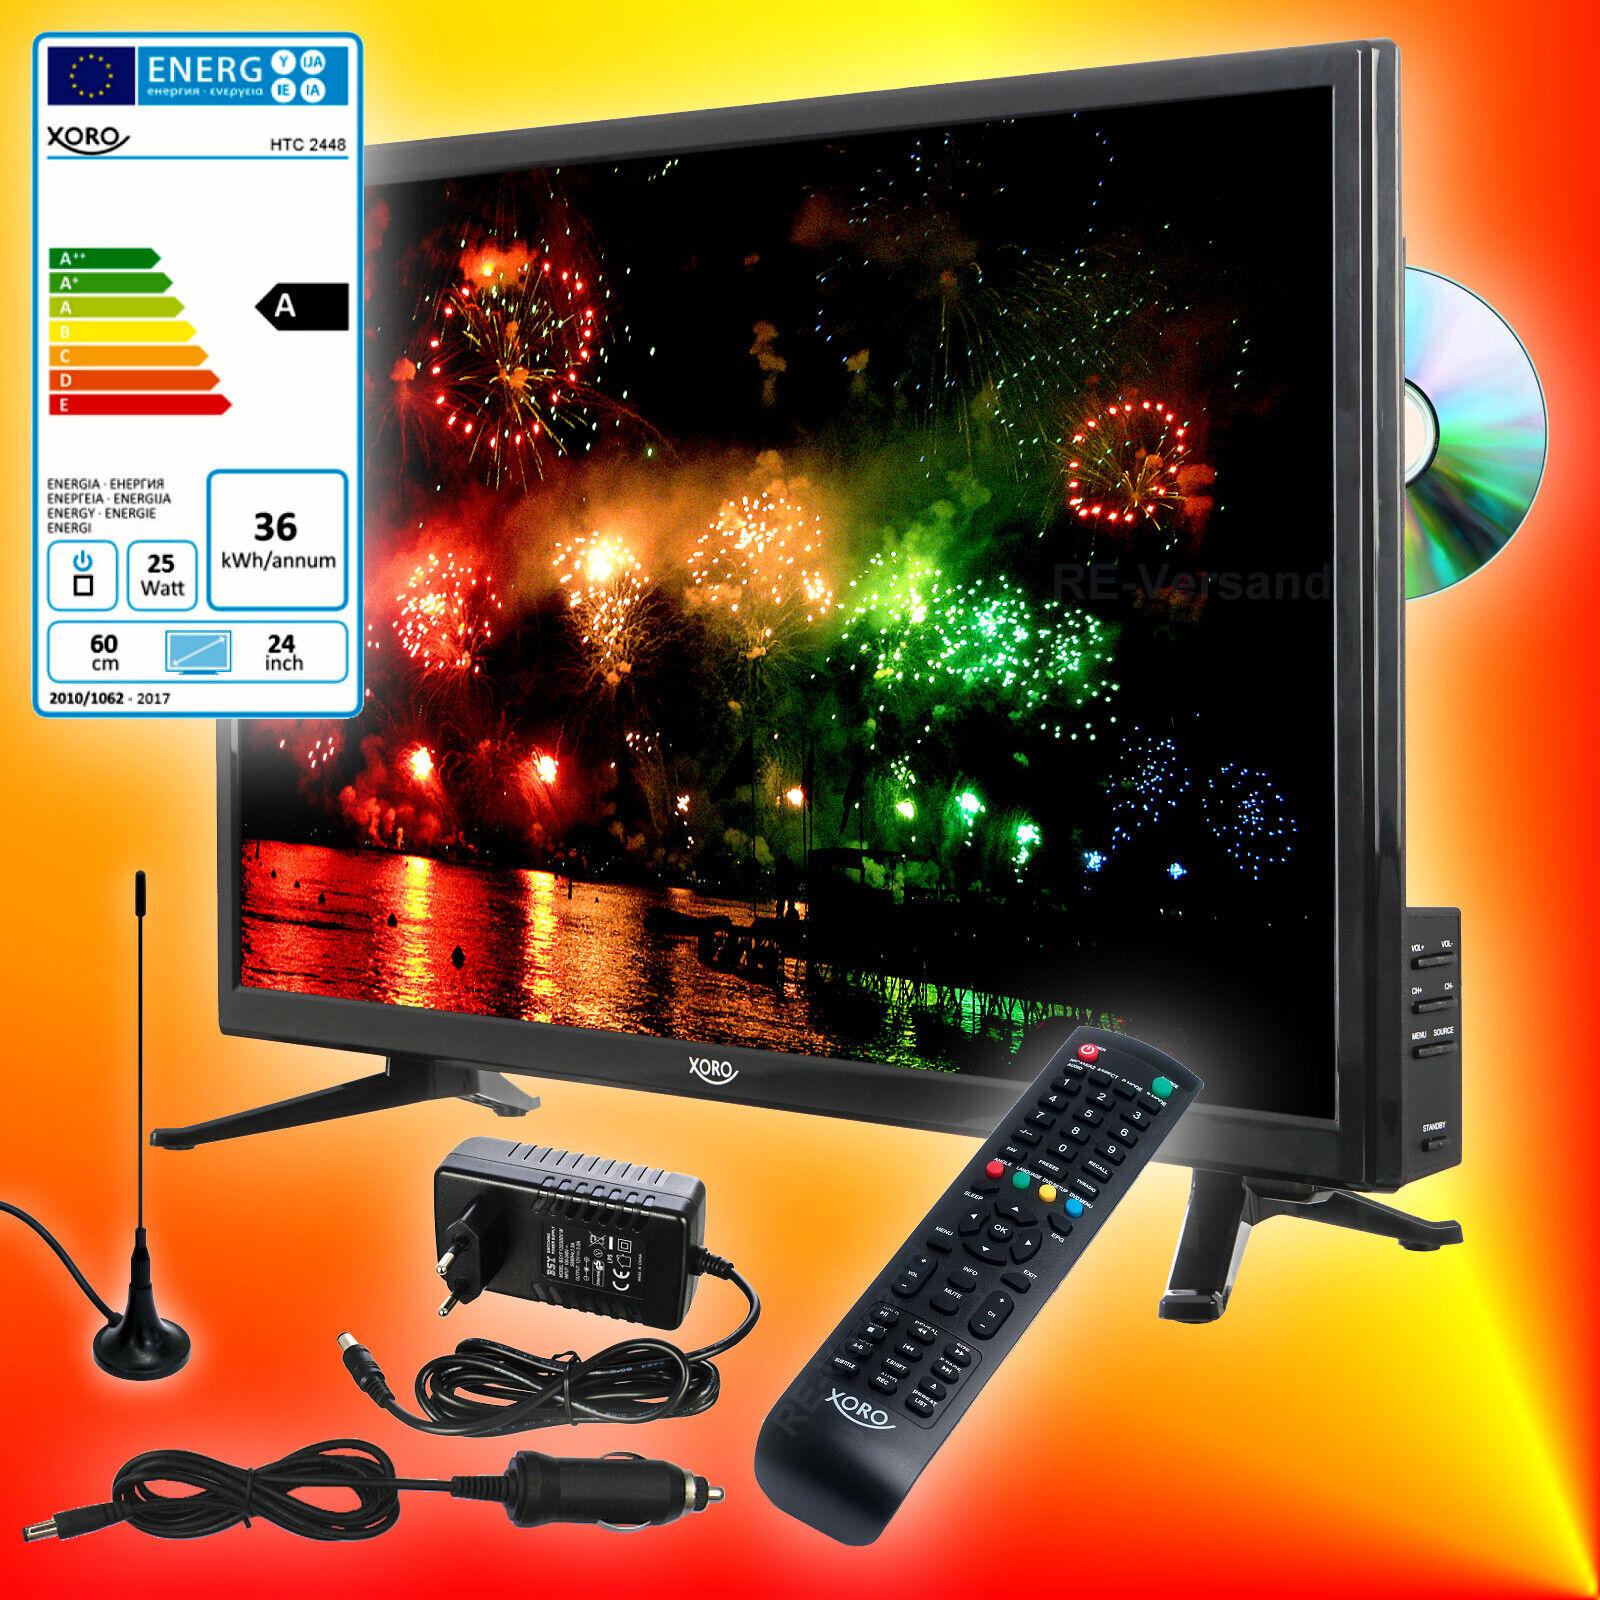 Xoro HTC 2448 60cm TV DVD-Player DVB-T2/S2/C 12V 230V Fernseher CI USB-PVR EEKA